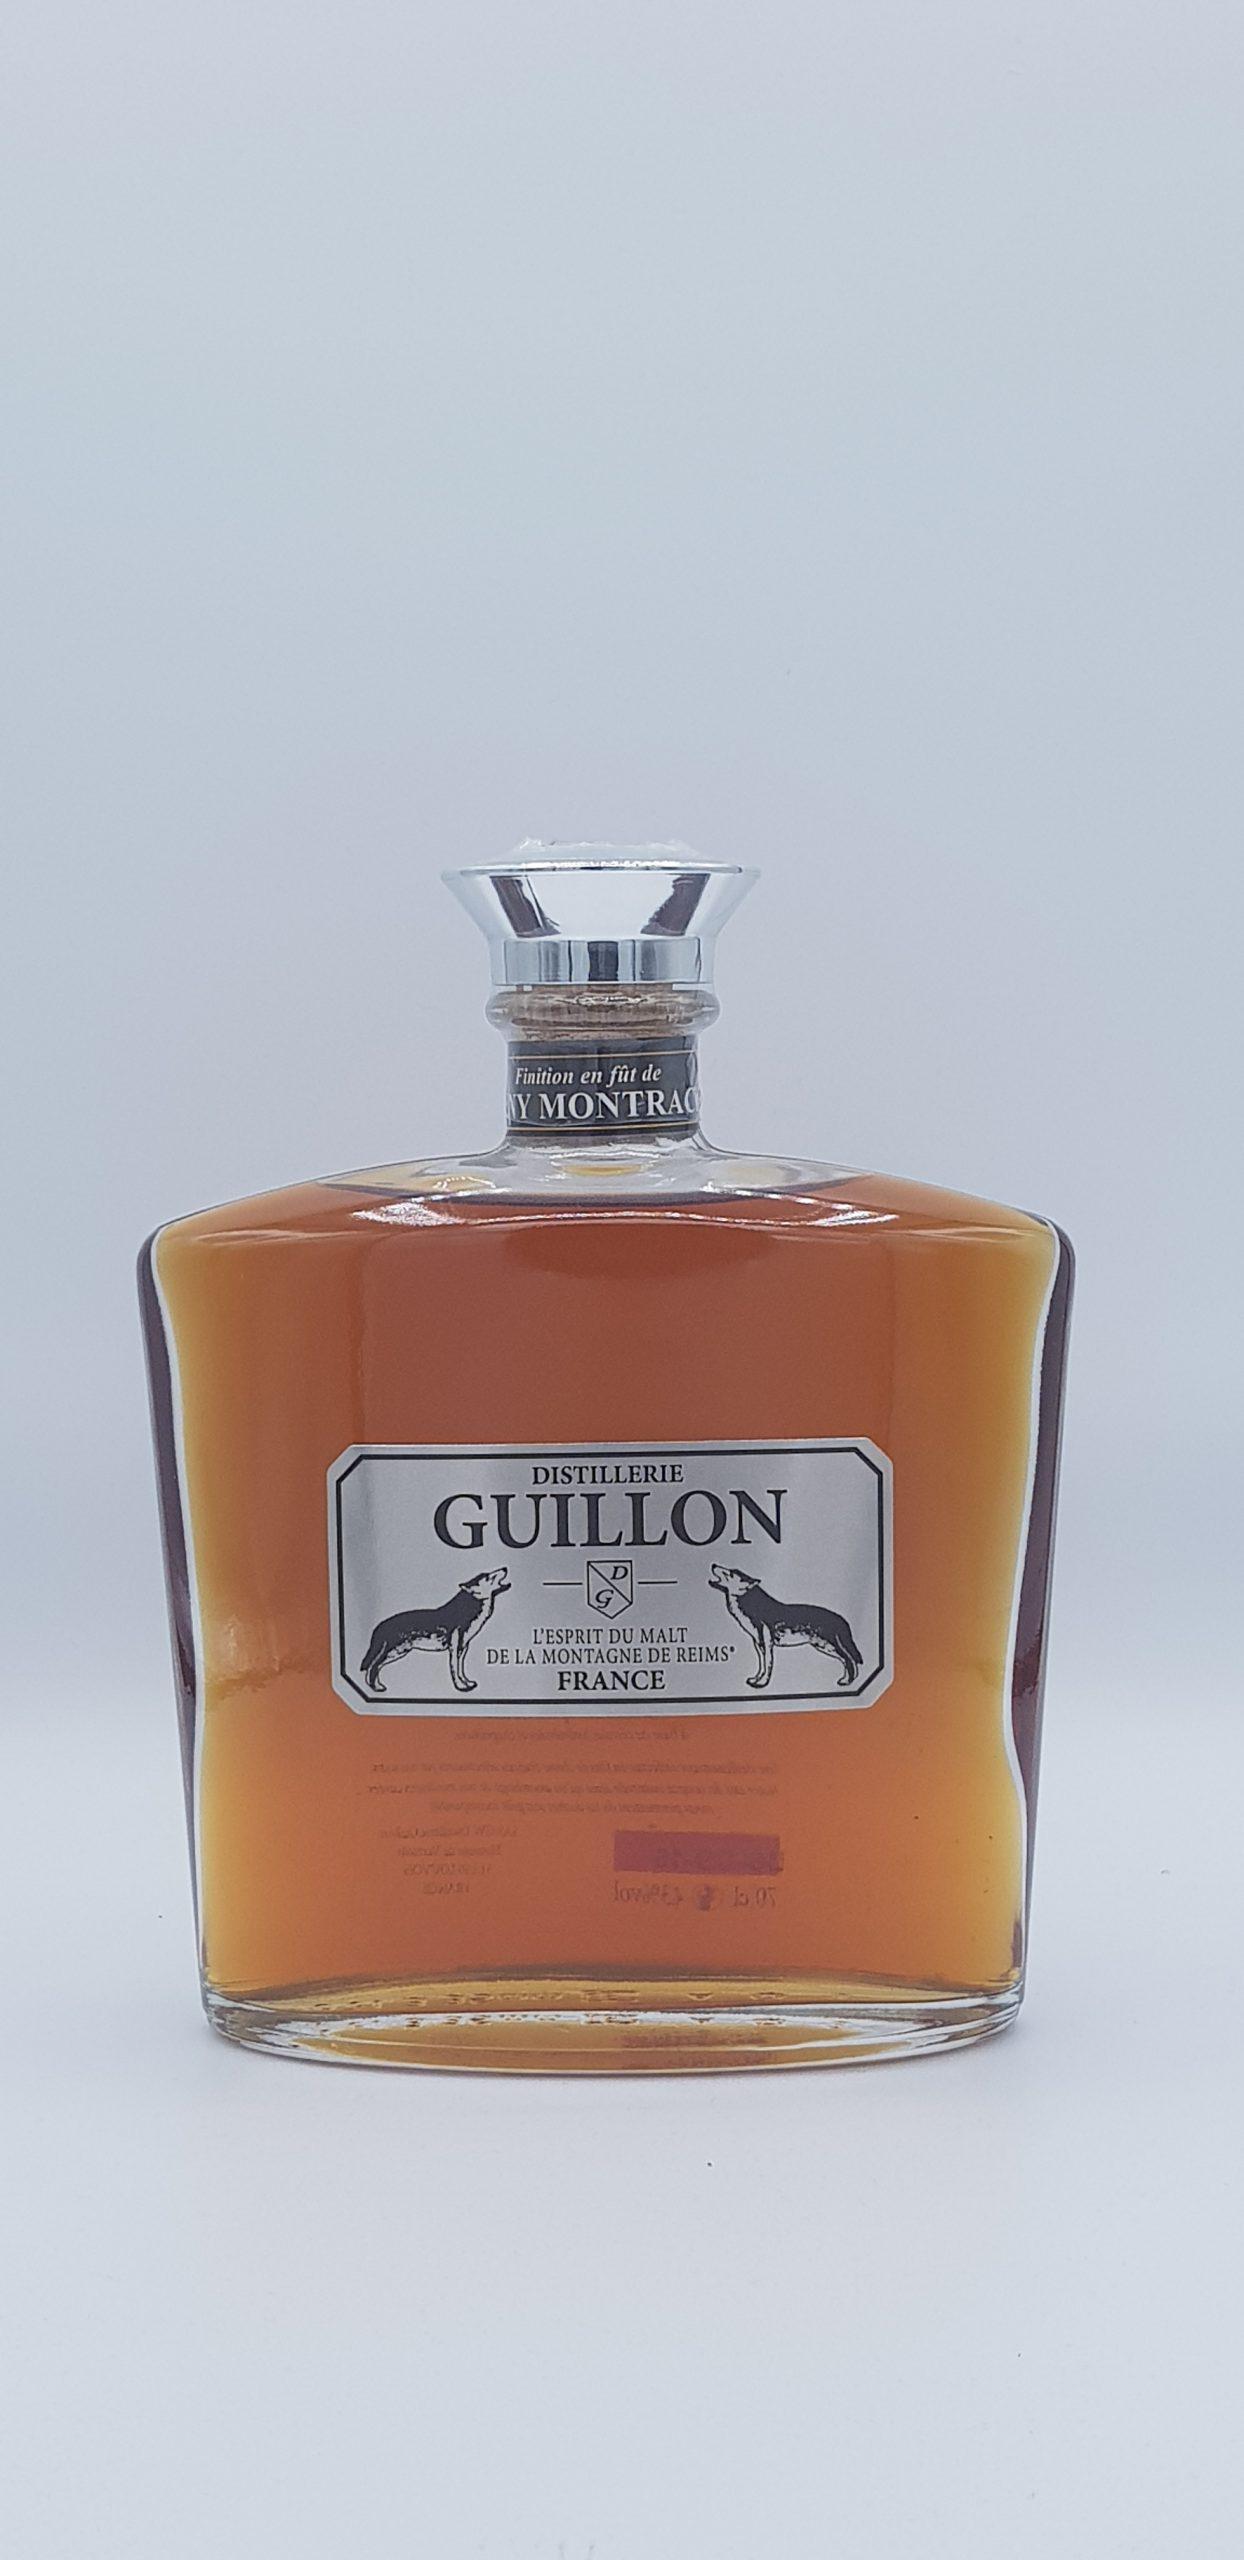 Whisky Guillon Esprit Du Malt Finish Fût Puligny 70 cl